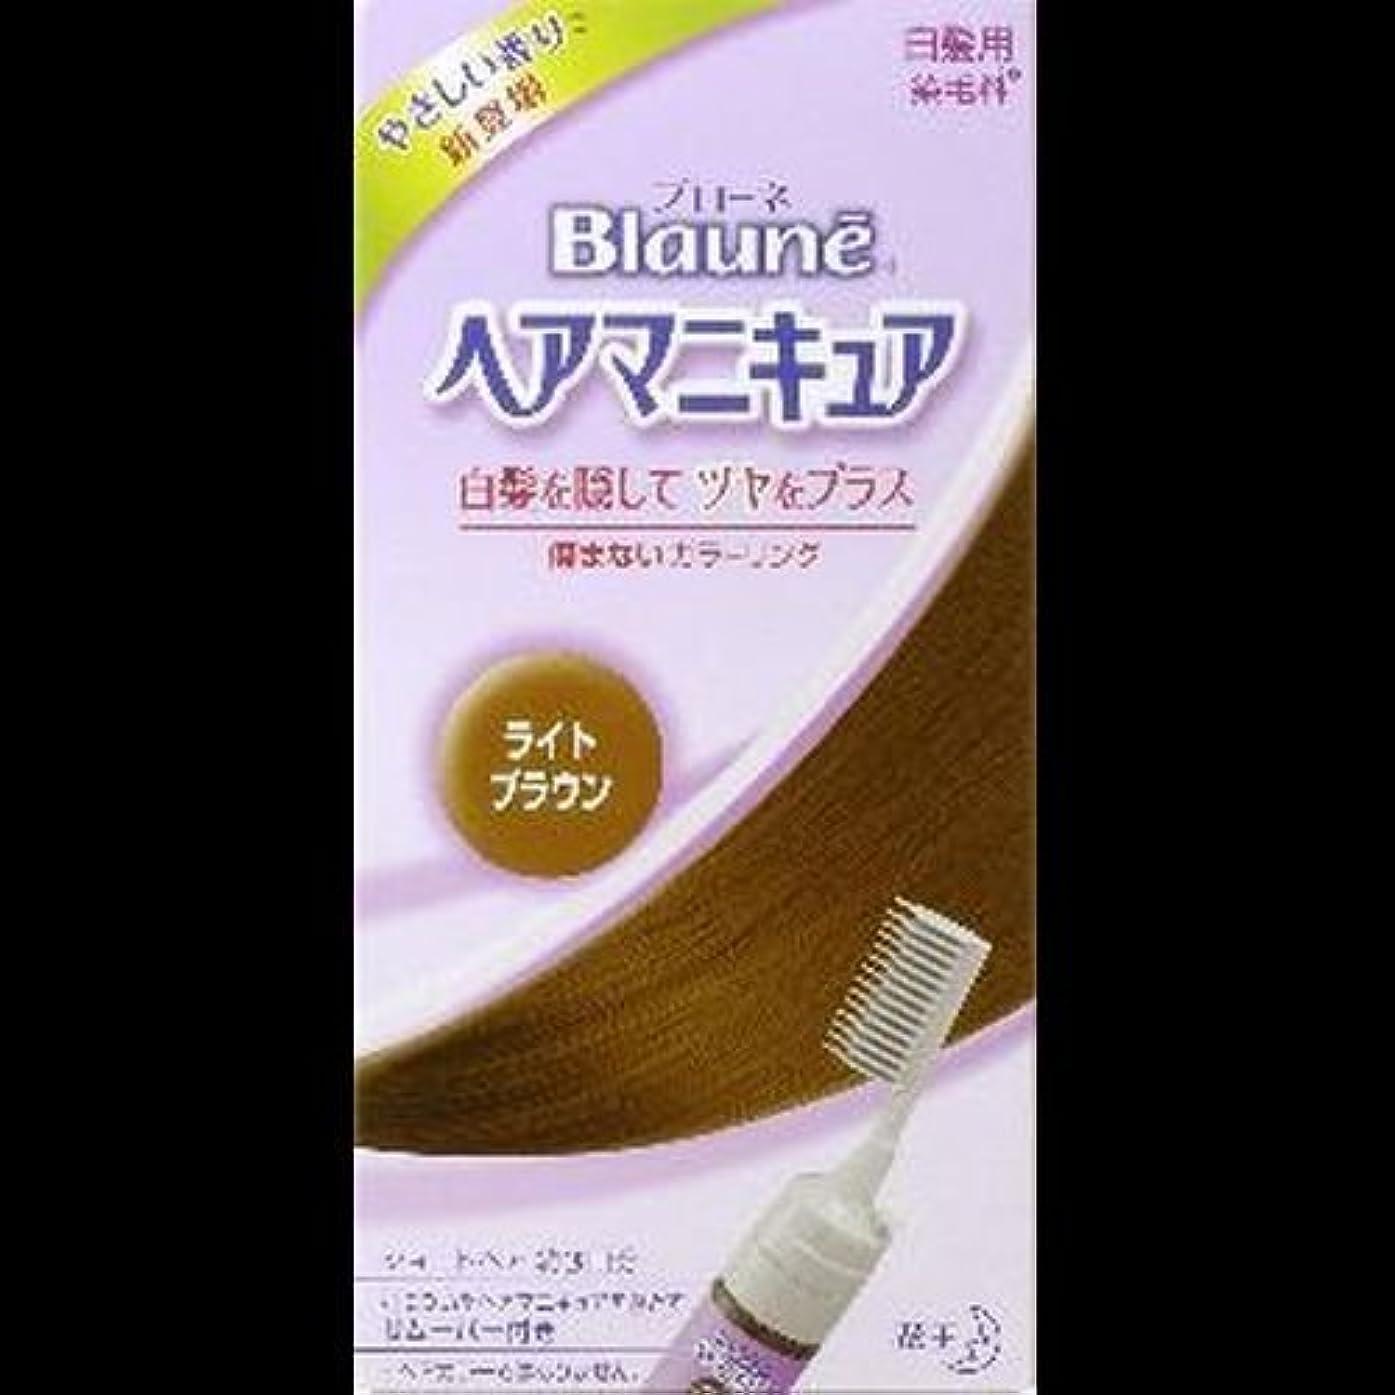 【まとめ買い】ブローネヘアマニキュア ライトブラウン クシ付 ×2セット